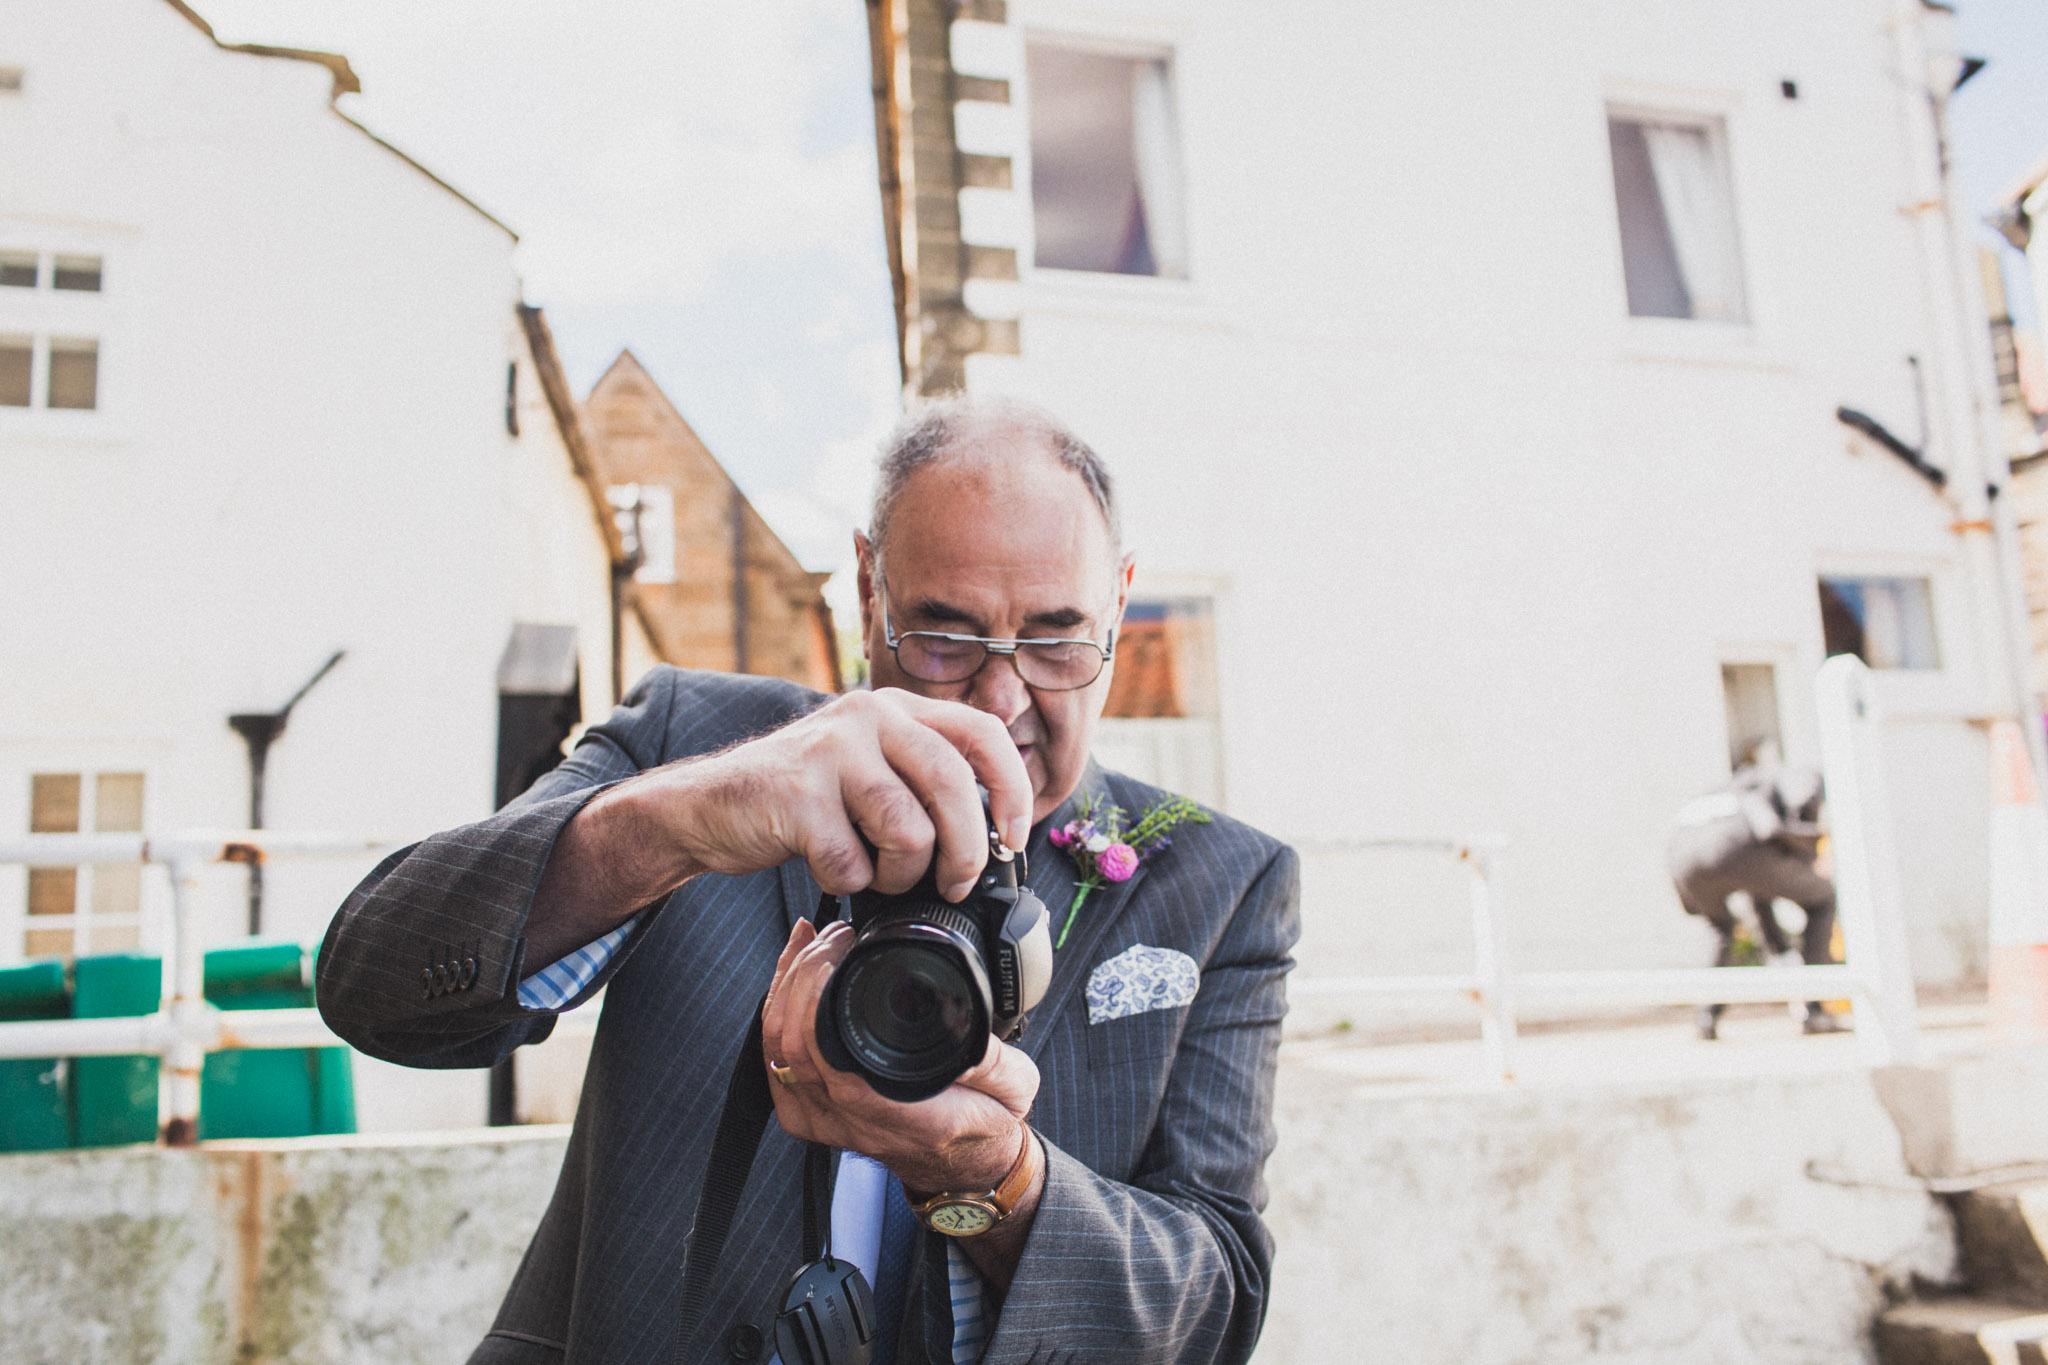 wedding_robin_hoods_bay_whitby_046.jpg